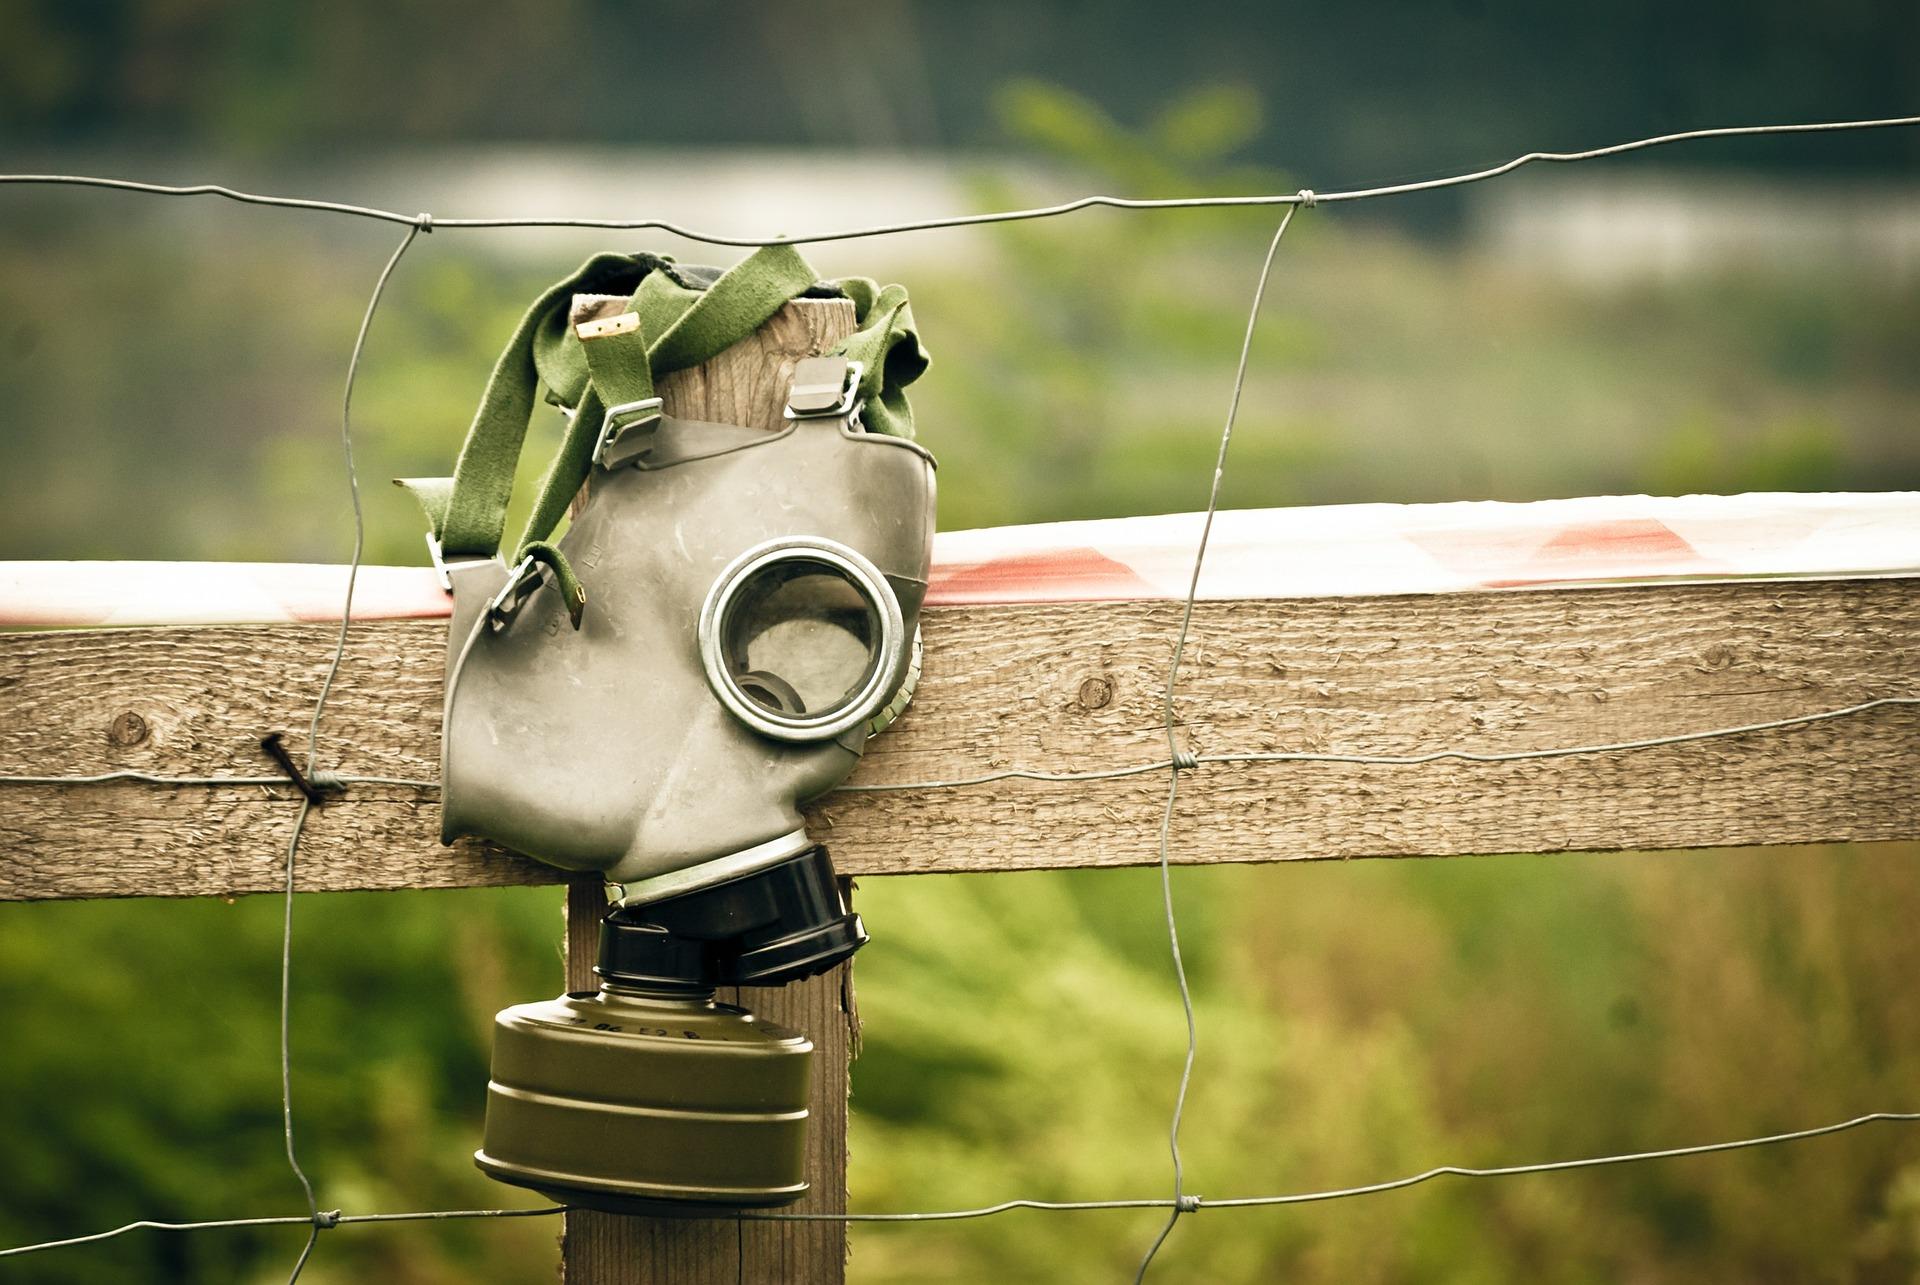 103-mask-467738_1920_décret sol